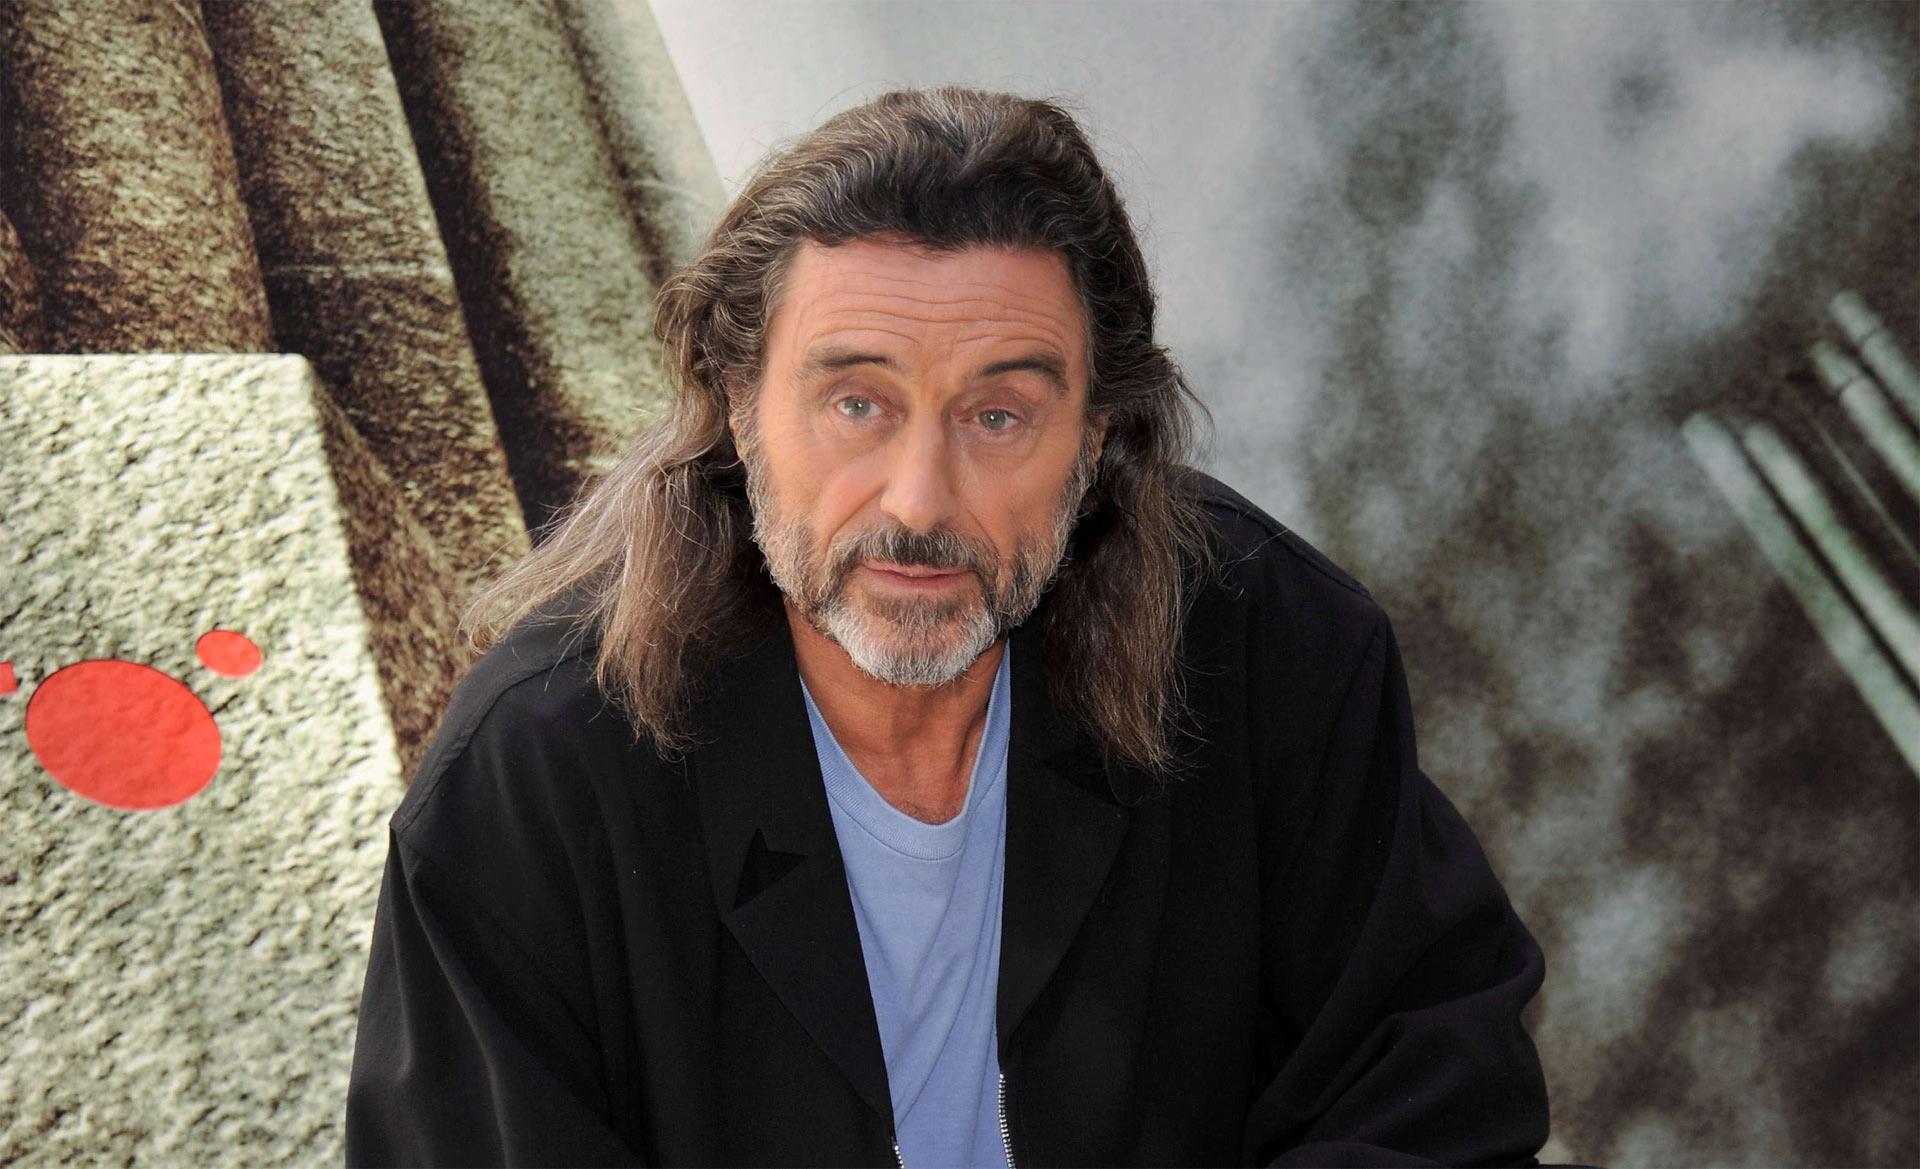 El actor podría tendrá una breve aparición en la serie y podría representar a Randyll Tarly, el padre de Sam